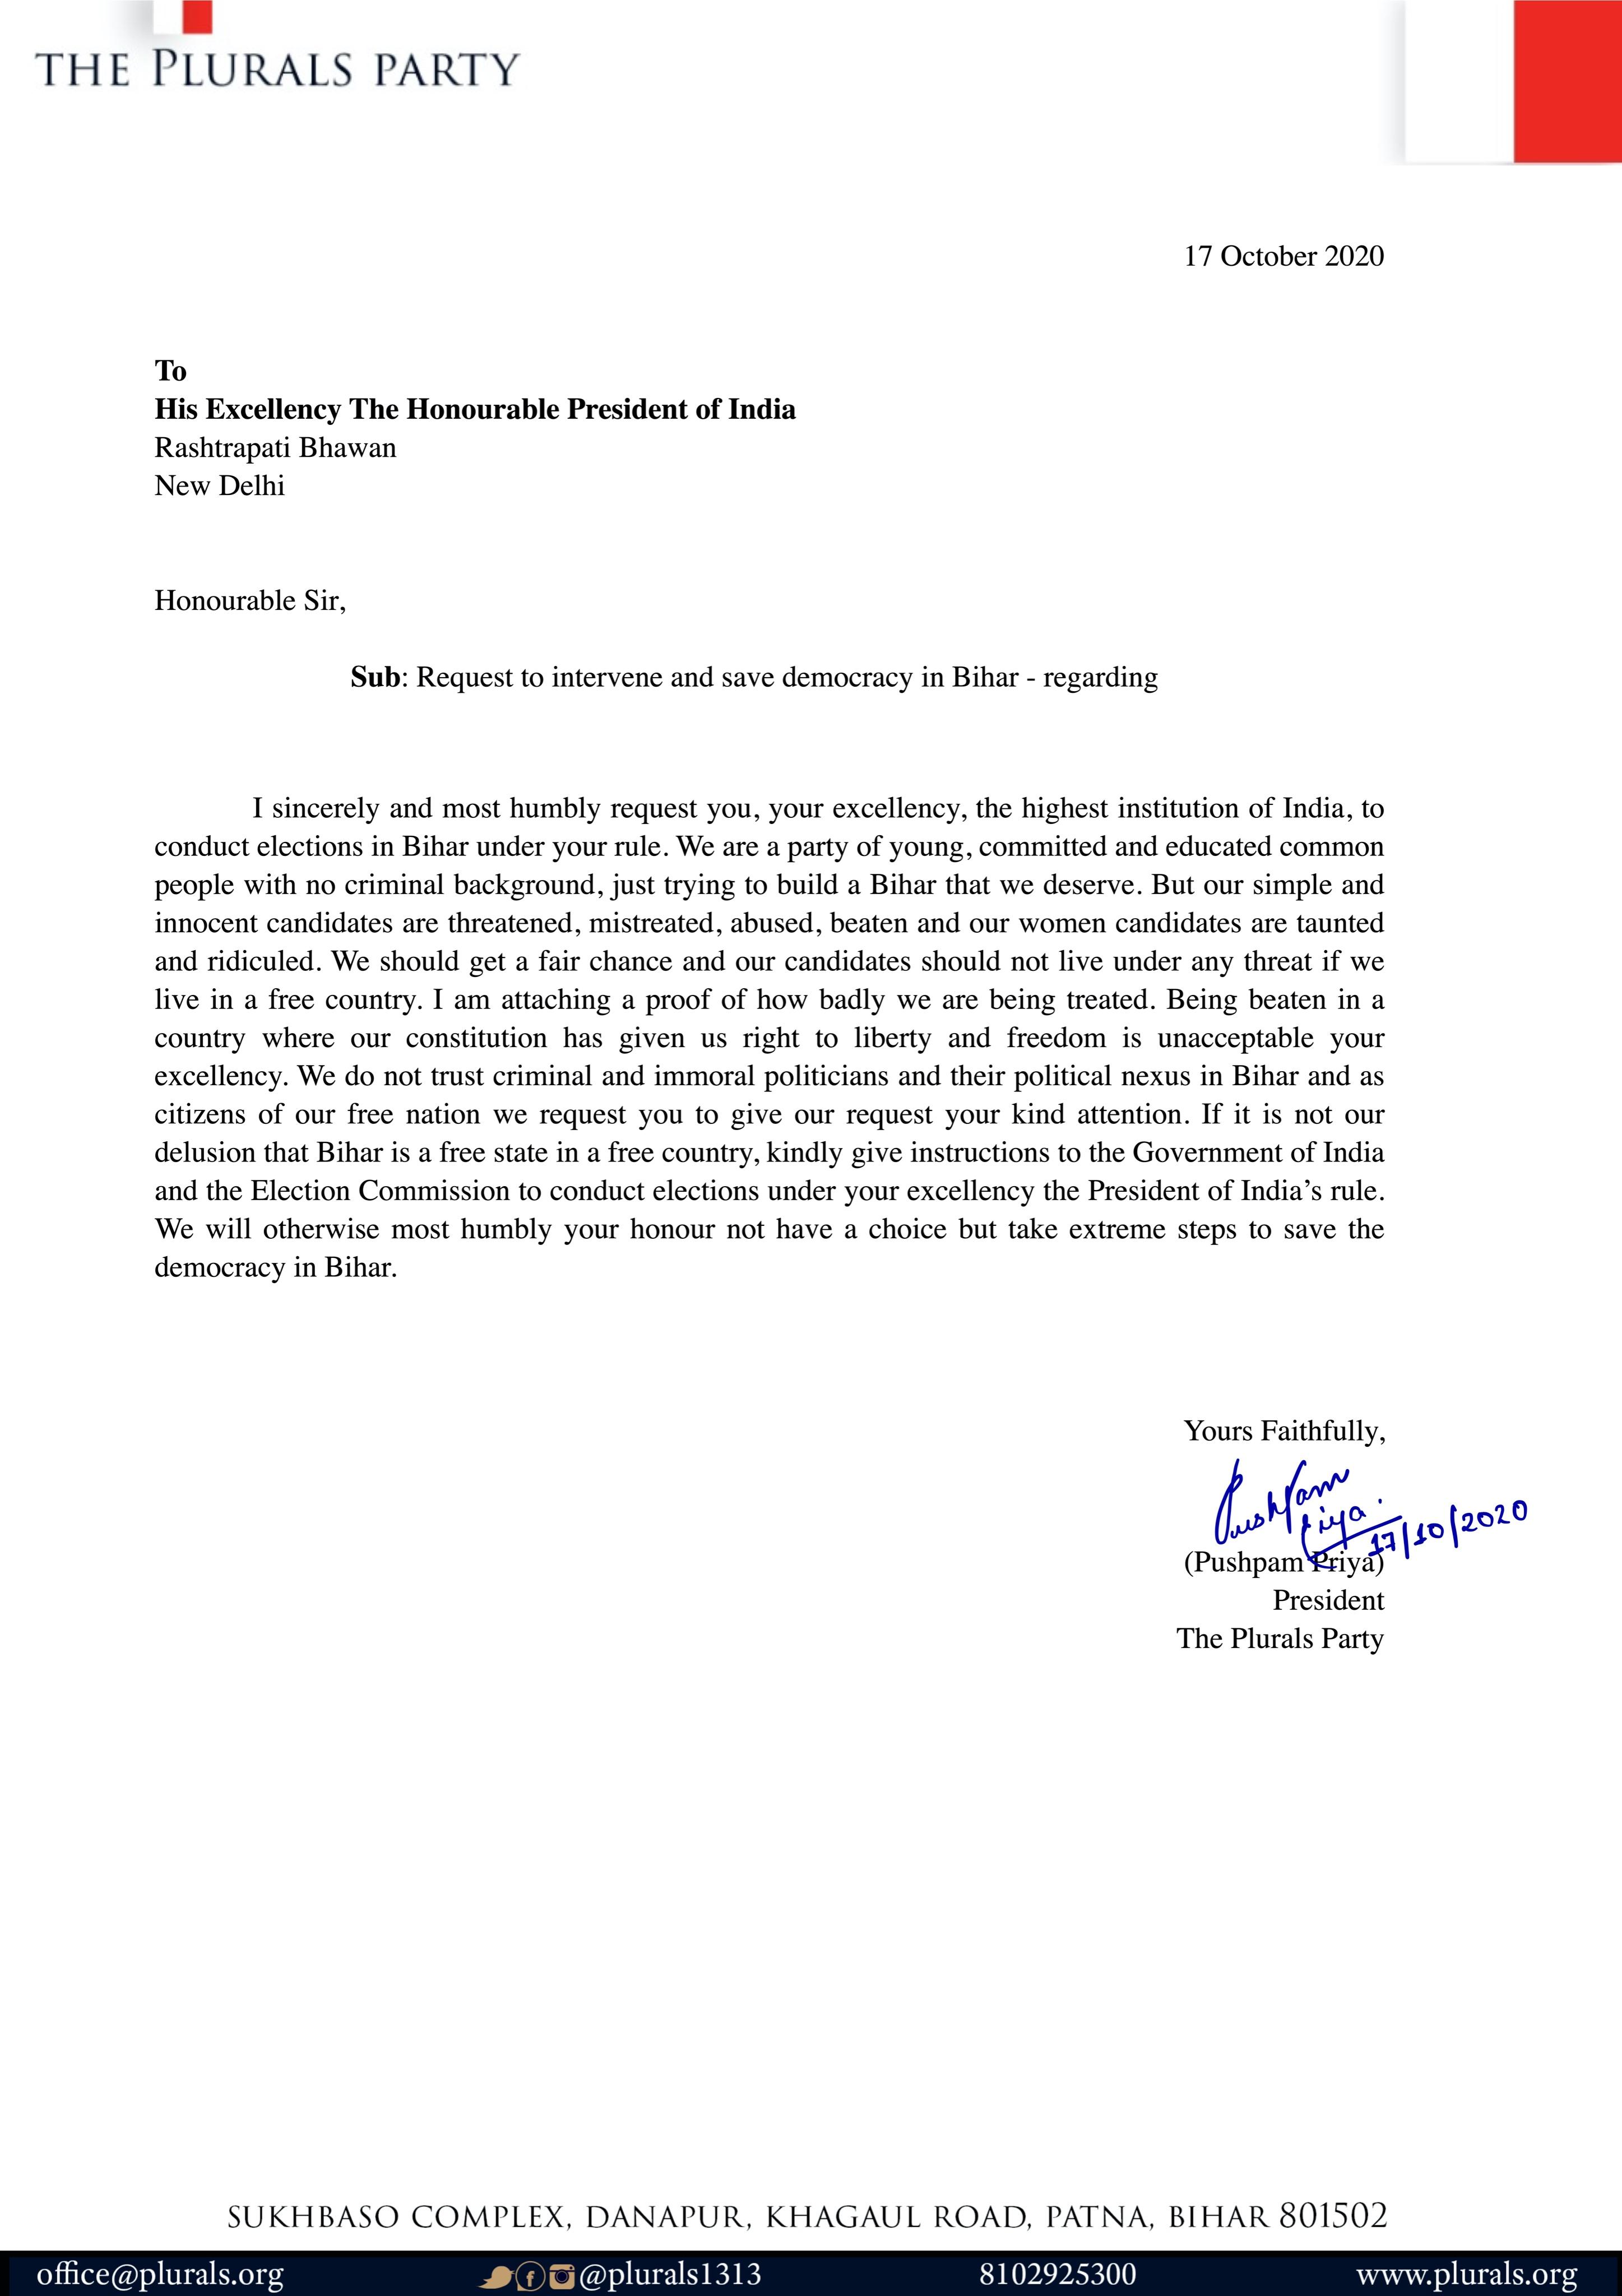 Pushpam Priya Chaudhry's letter to president Ramnath Kovind